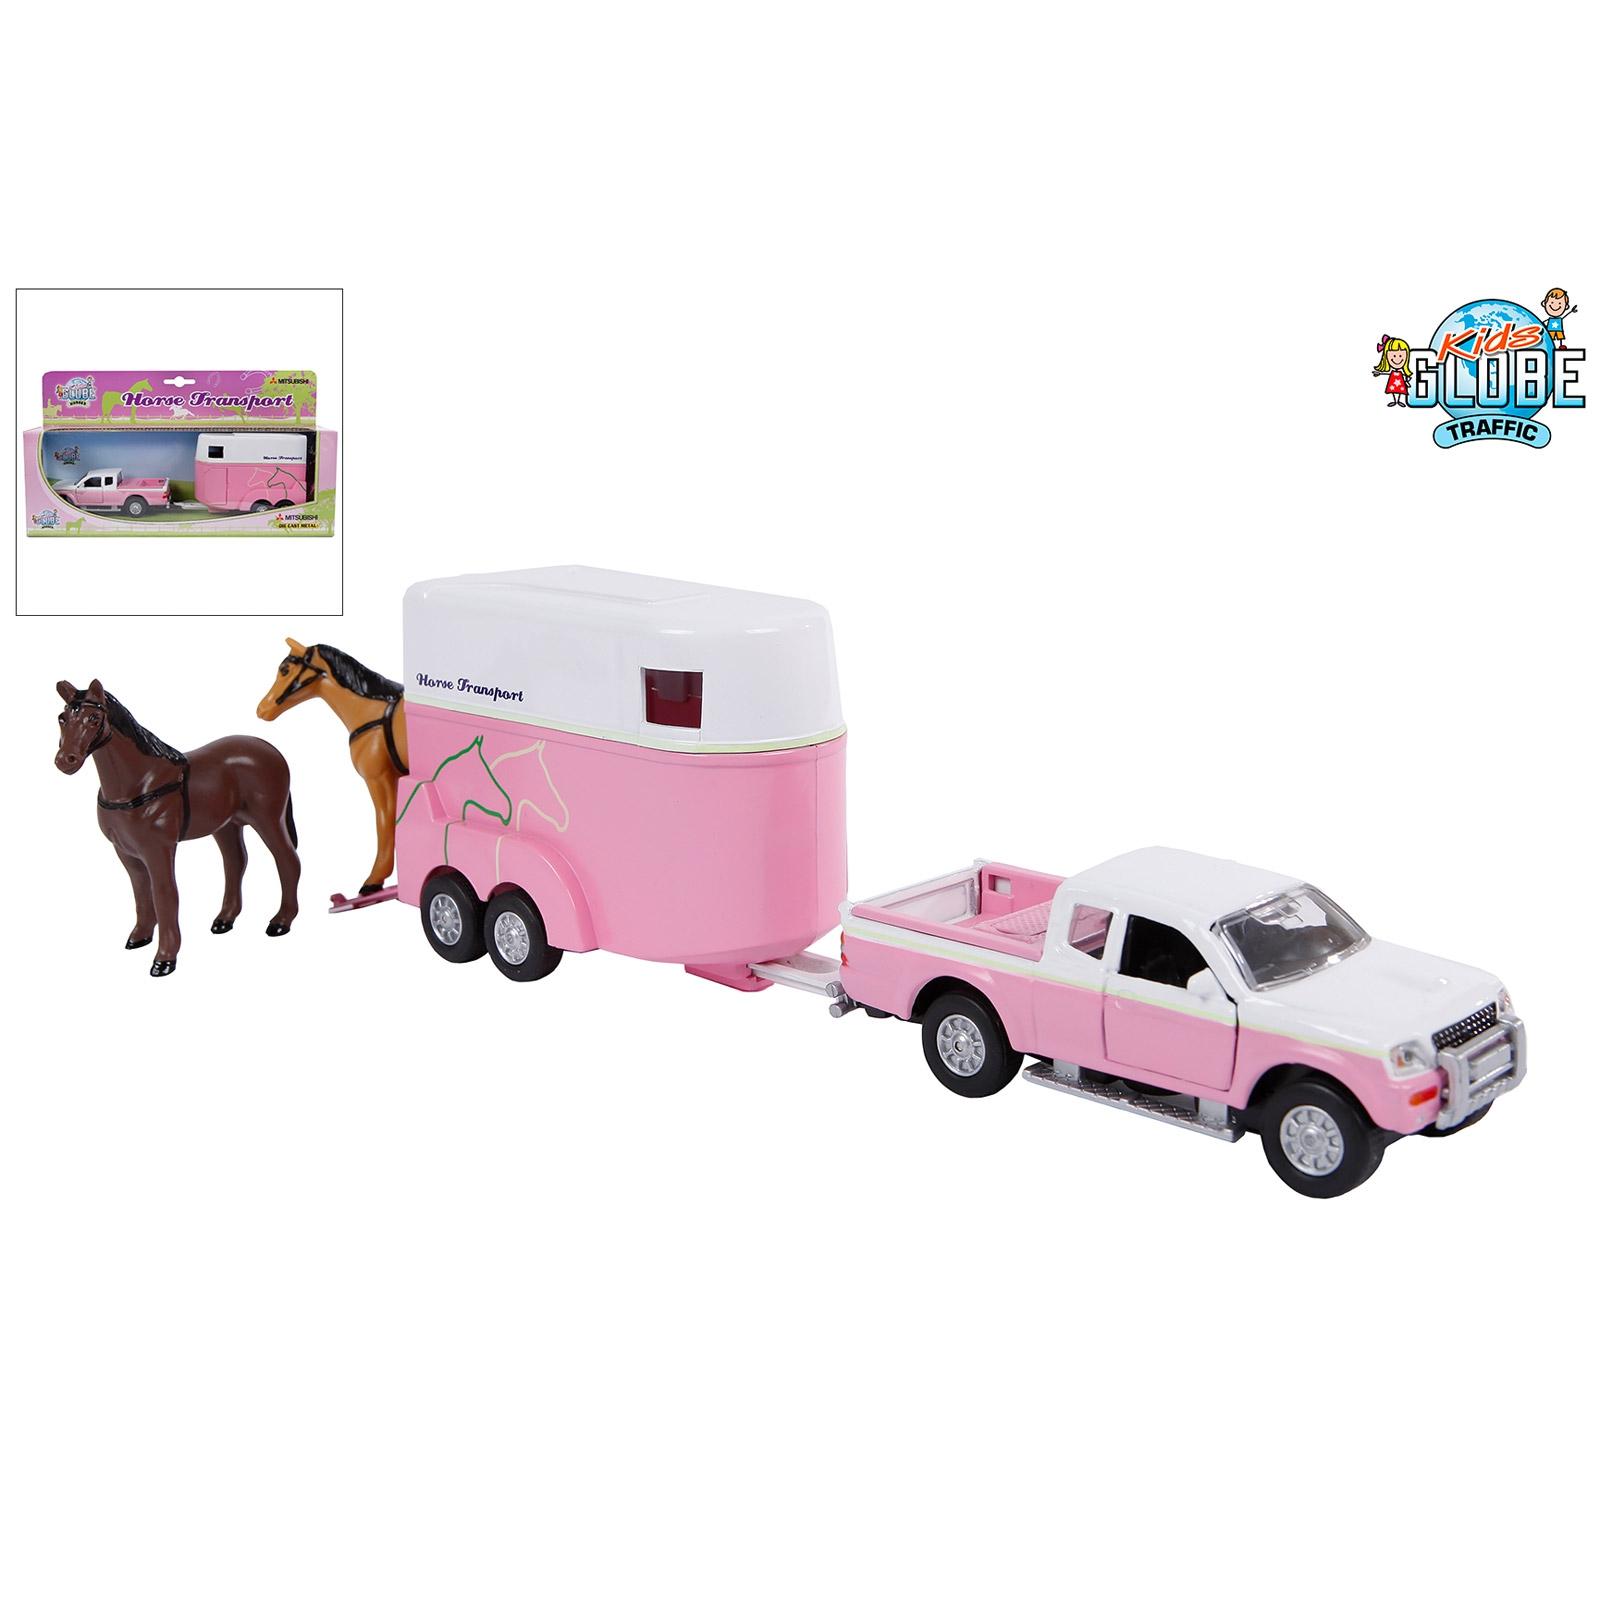 Van Manen Die Cast Mitsubishi L200 mit Pferdeanhänger Spielzeugauto 12436